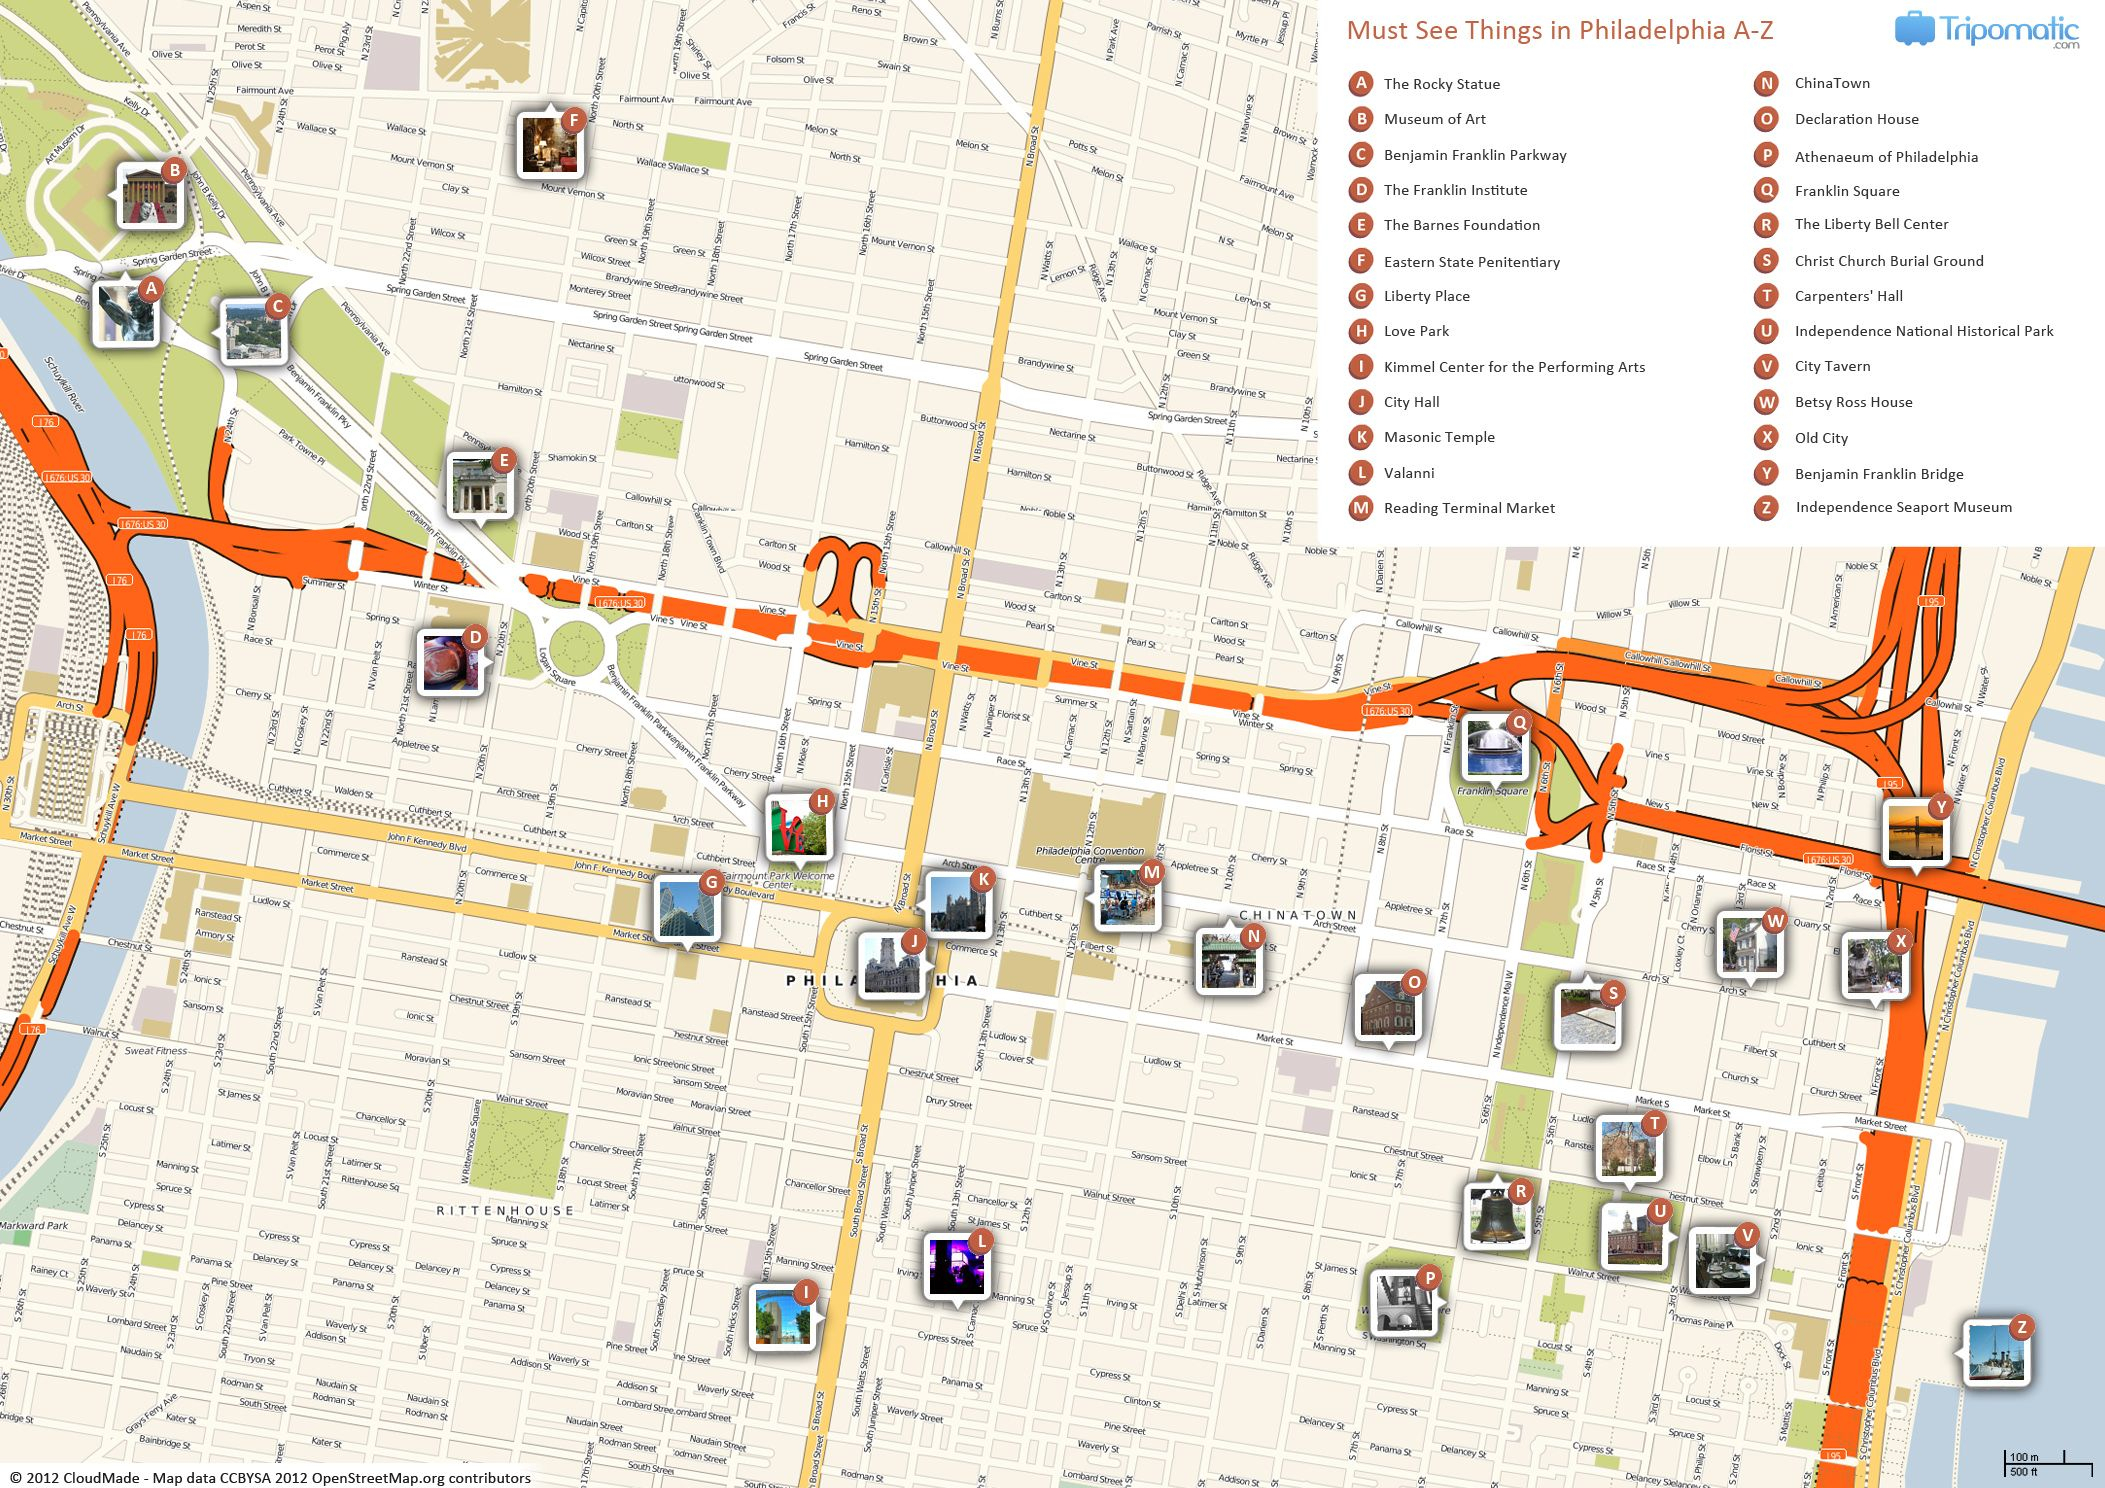 Philadelphia Printable Tourist Map | Free Tourist Maps - Philadelphia Tourist Map Printable